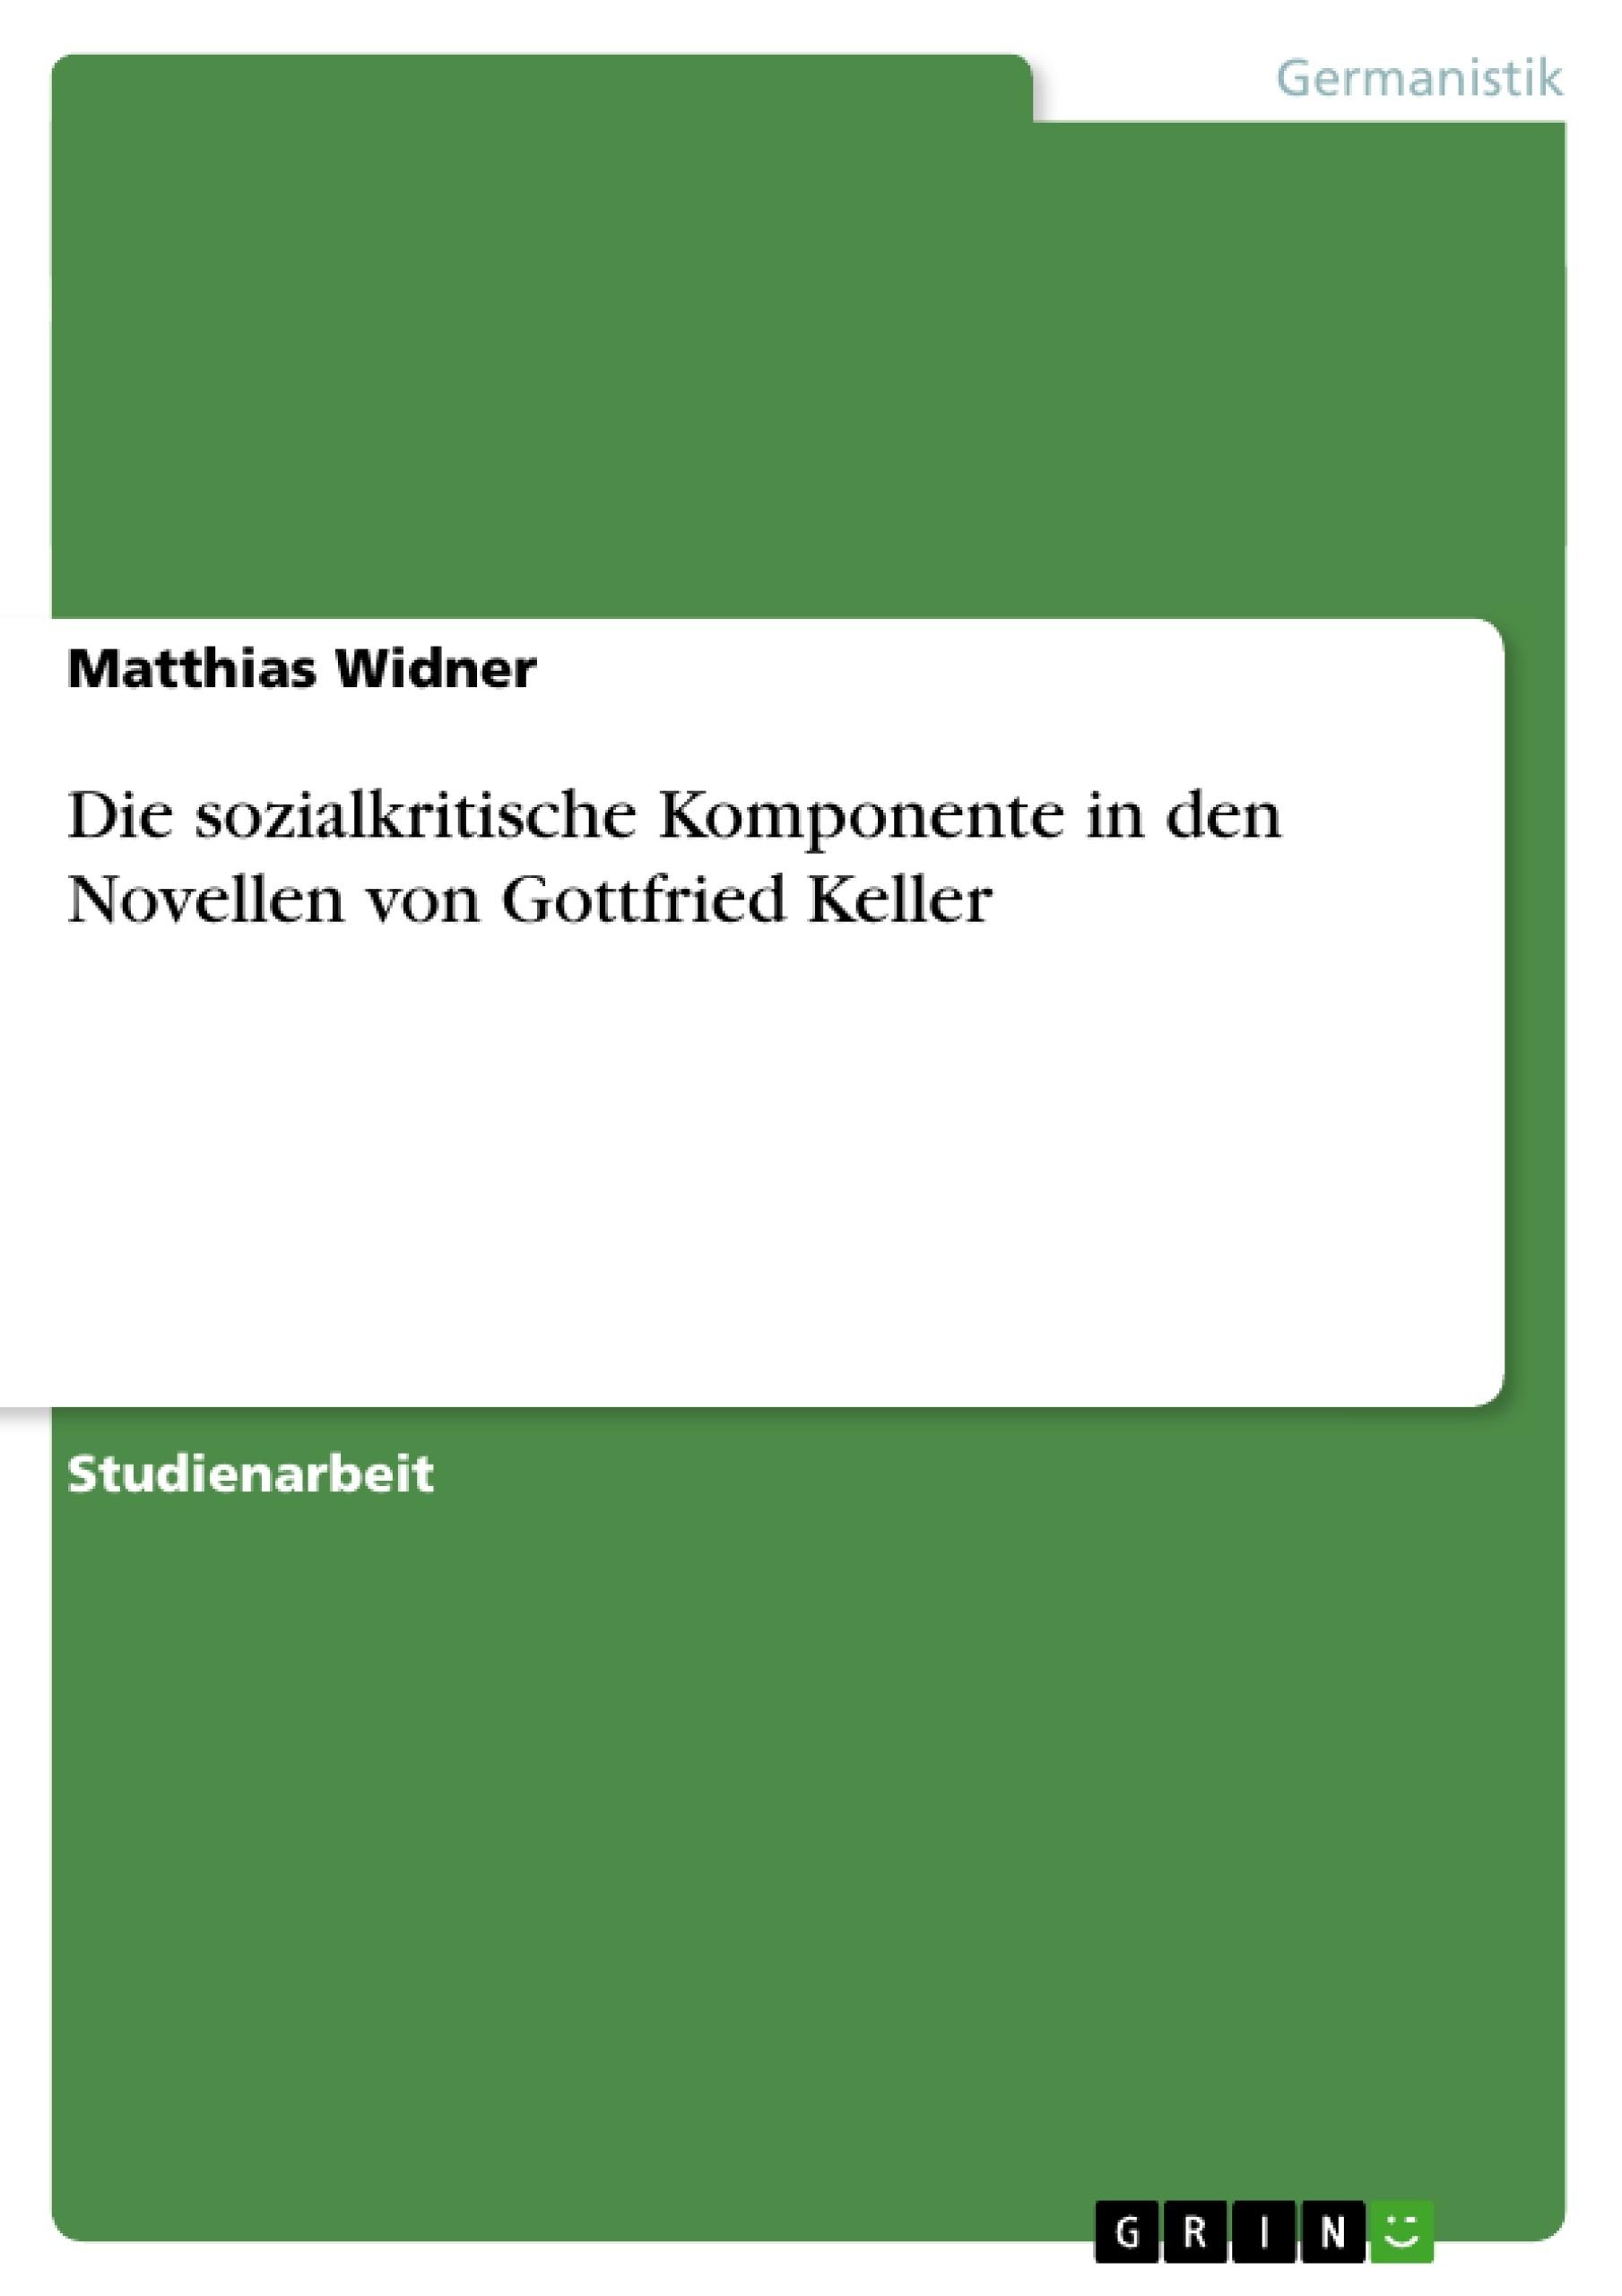 Titel: Die sozialkritische Komponente in den Novellen von Gottfried Keller